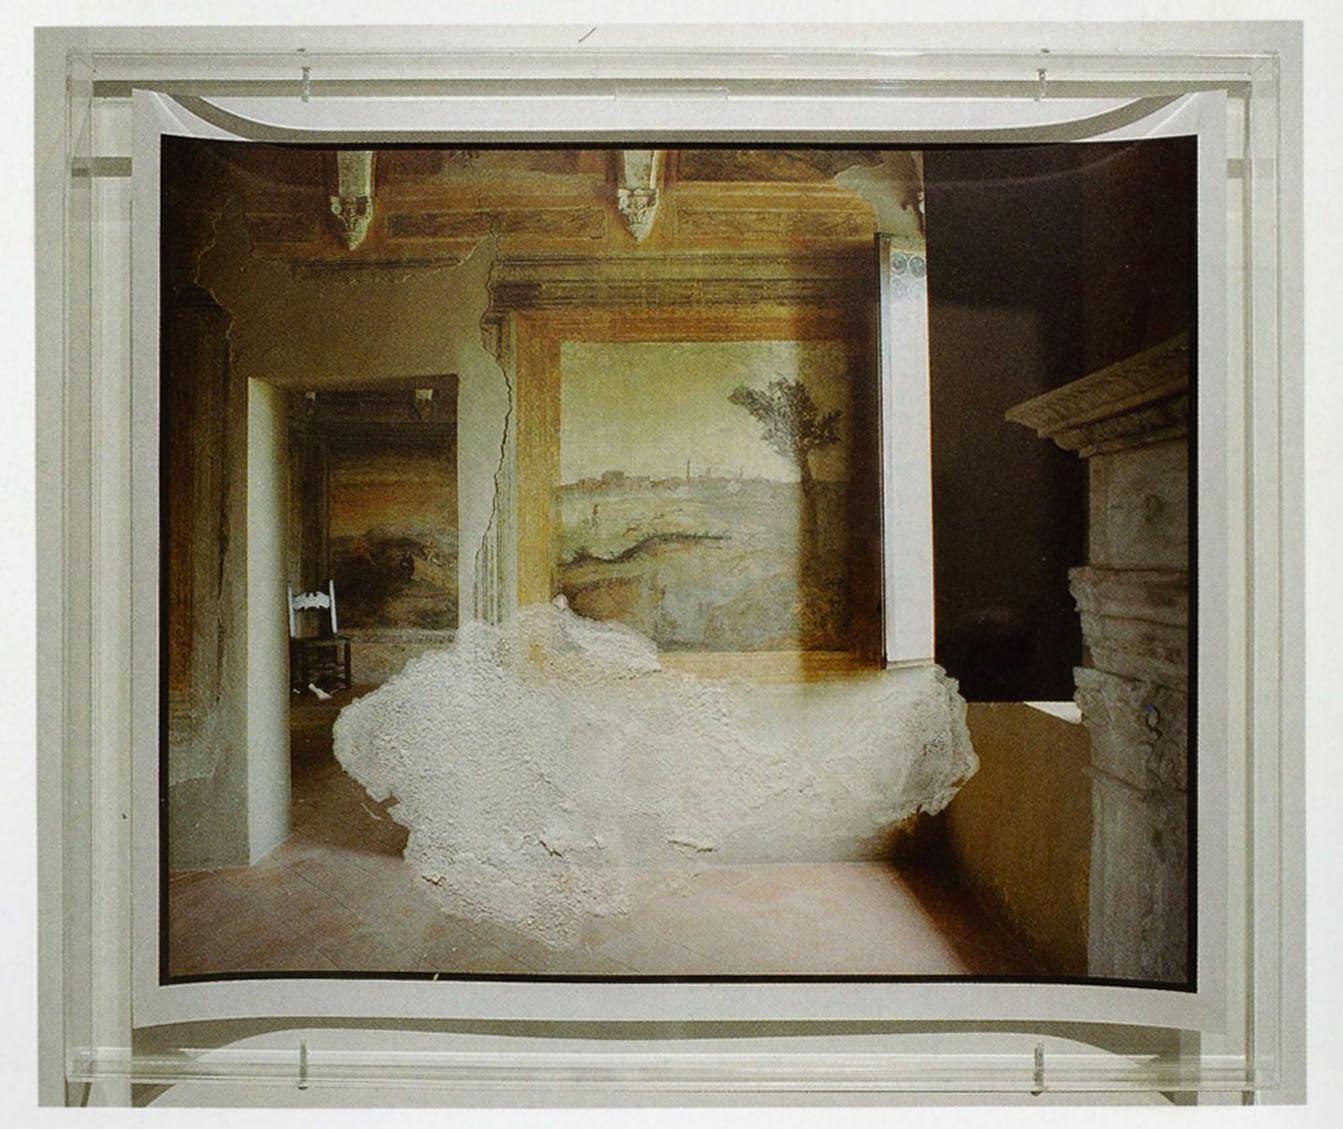 Franco Guerzoni, Dentro l'immagine, 2004, cristalli di salnitro su fotografia di Luigi Ghirri del 1985, collezione privata, Modena